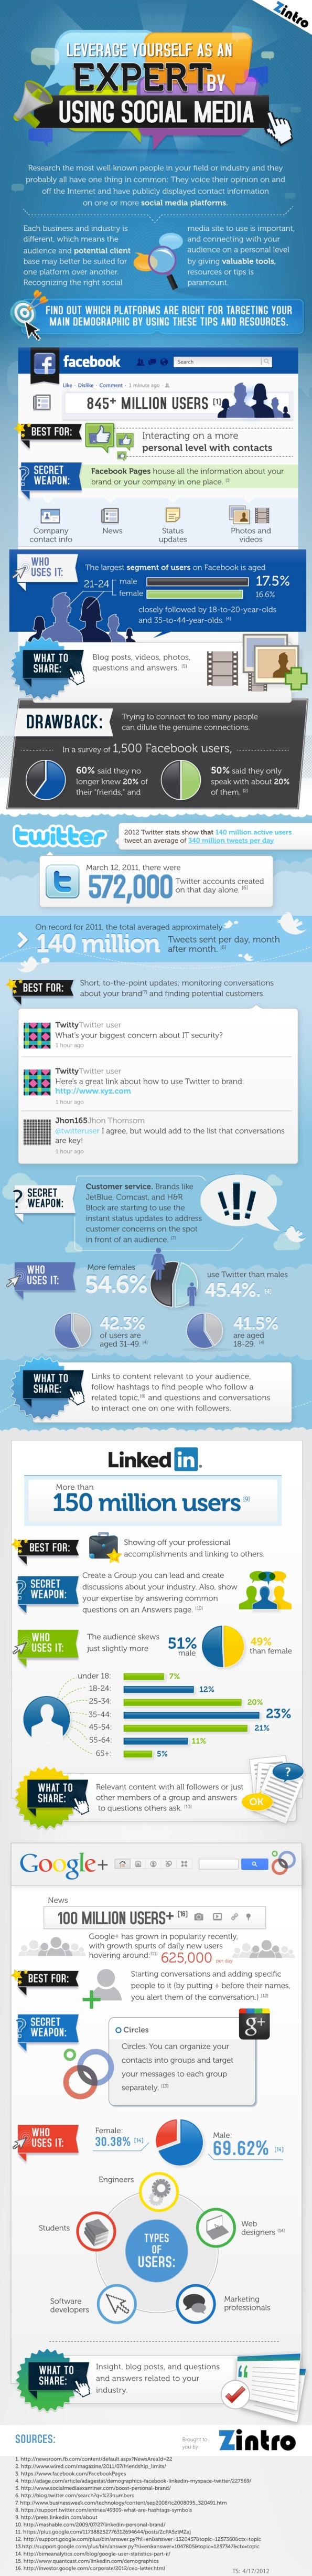 Guía de gestion de redes sociales